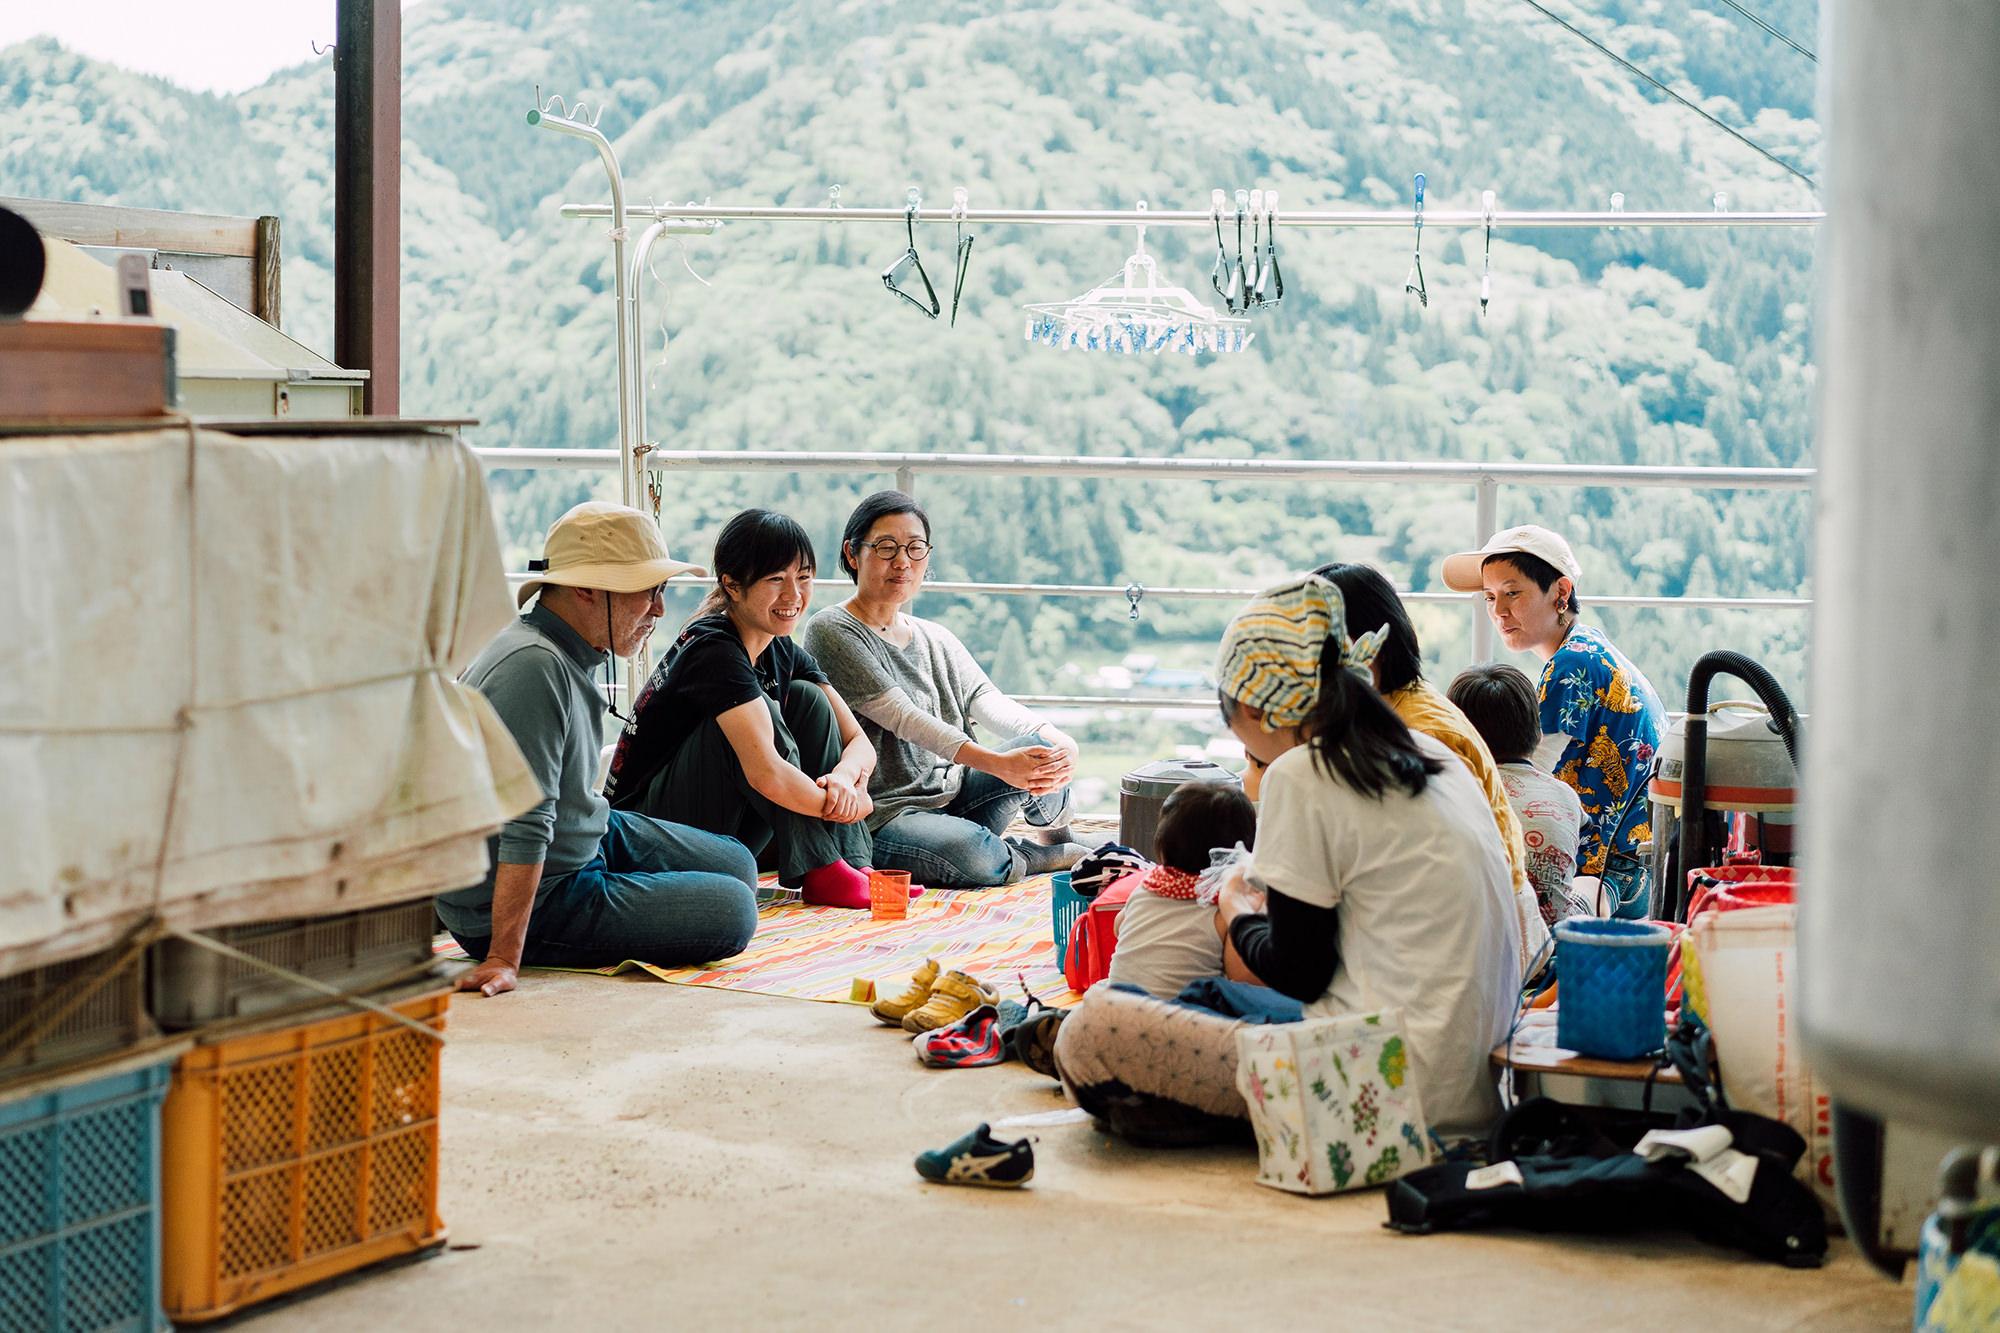 5月は新茶の季節、この日はCHAIROのメンバーで見学にうかがった